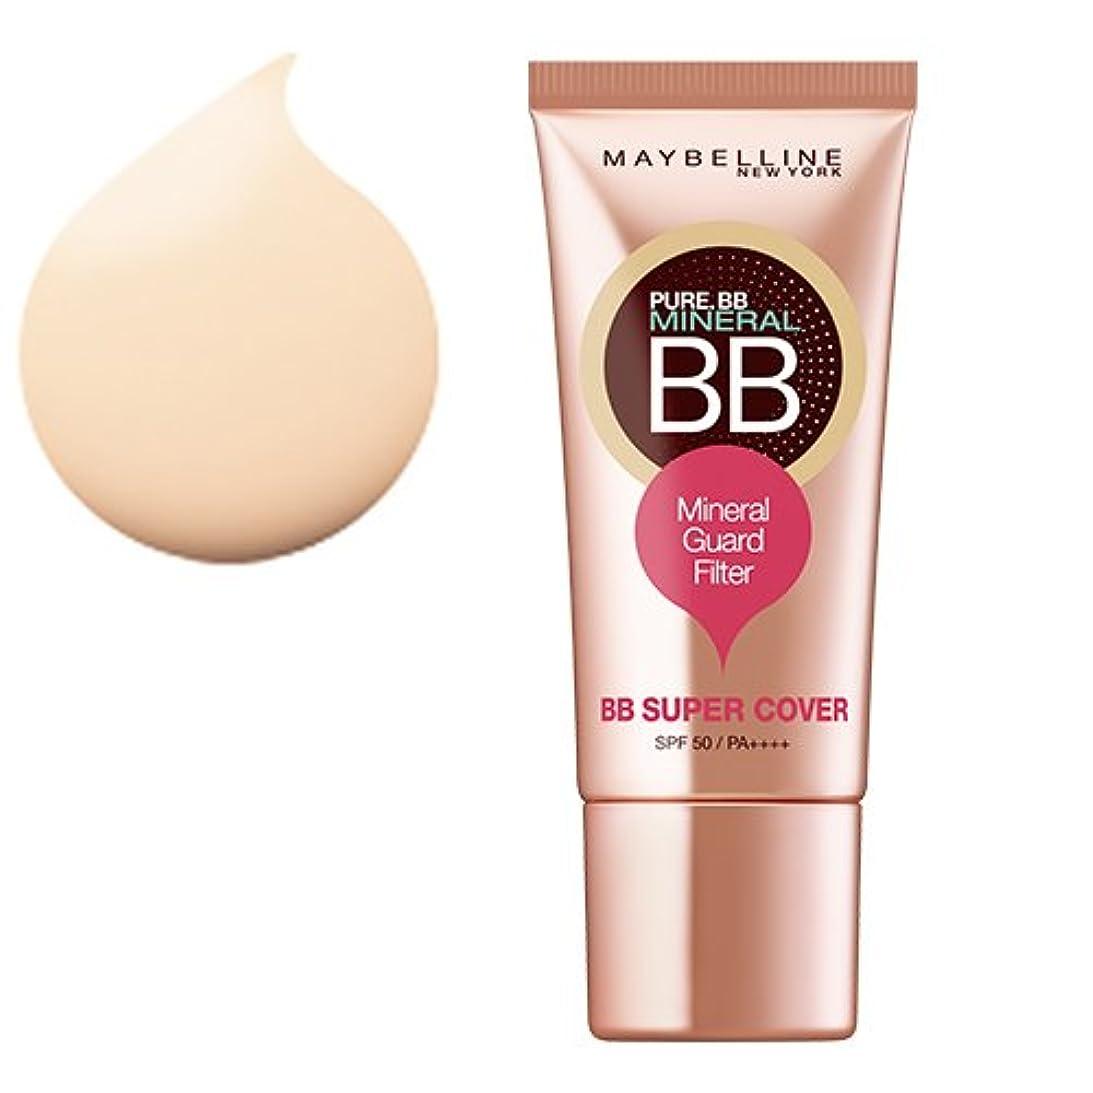 ロッカー頭痛道を作るメイベリン BBクリーム ピュアミネラル BB SP カバー 01 ナチュラル ベージュ